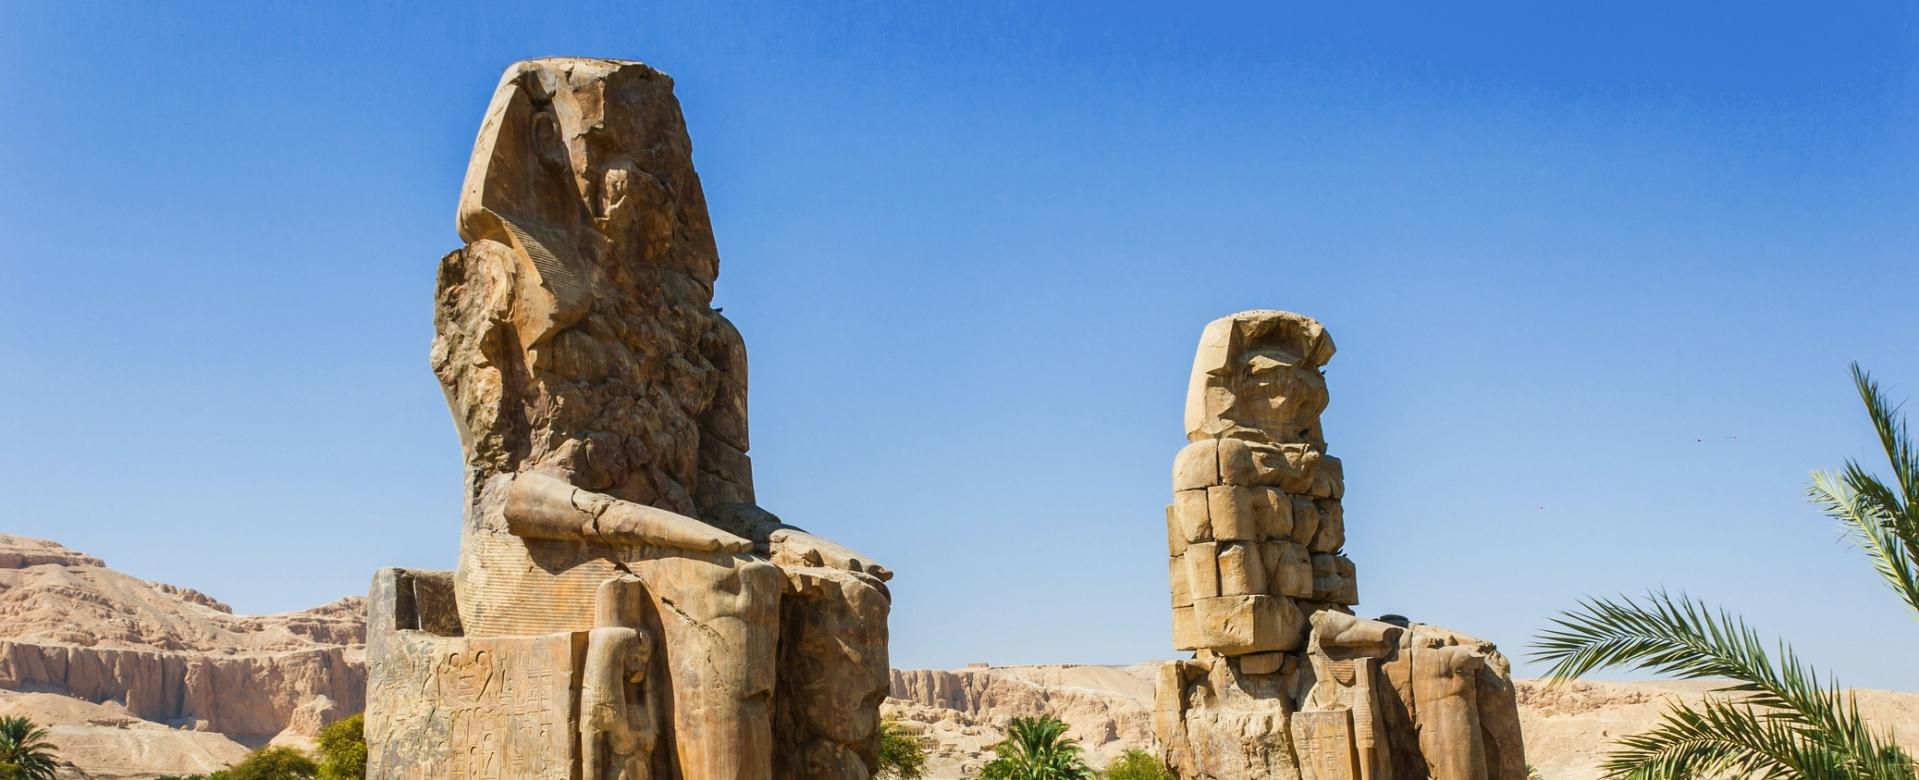 Voyage à pied : Felouque et pharaons du nil